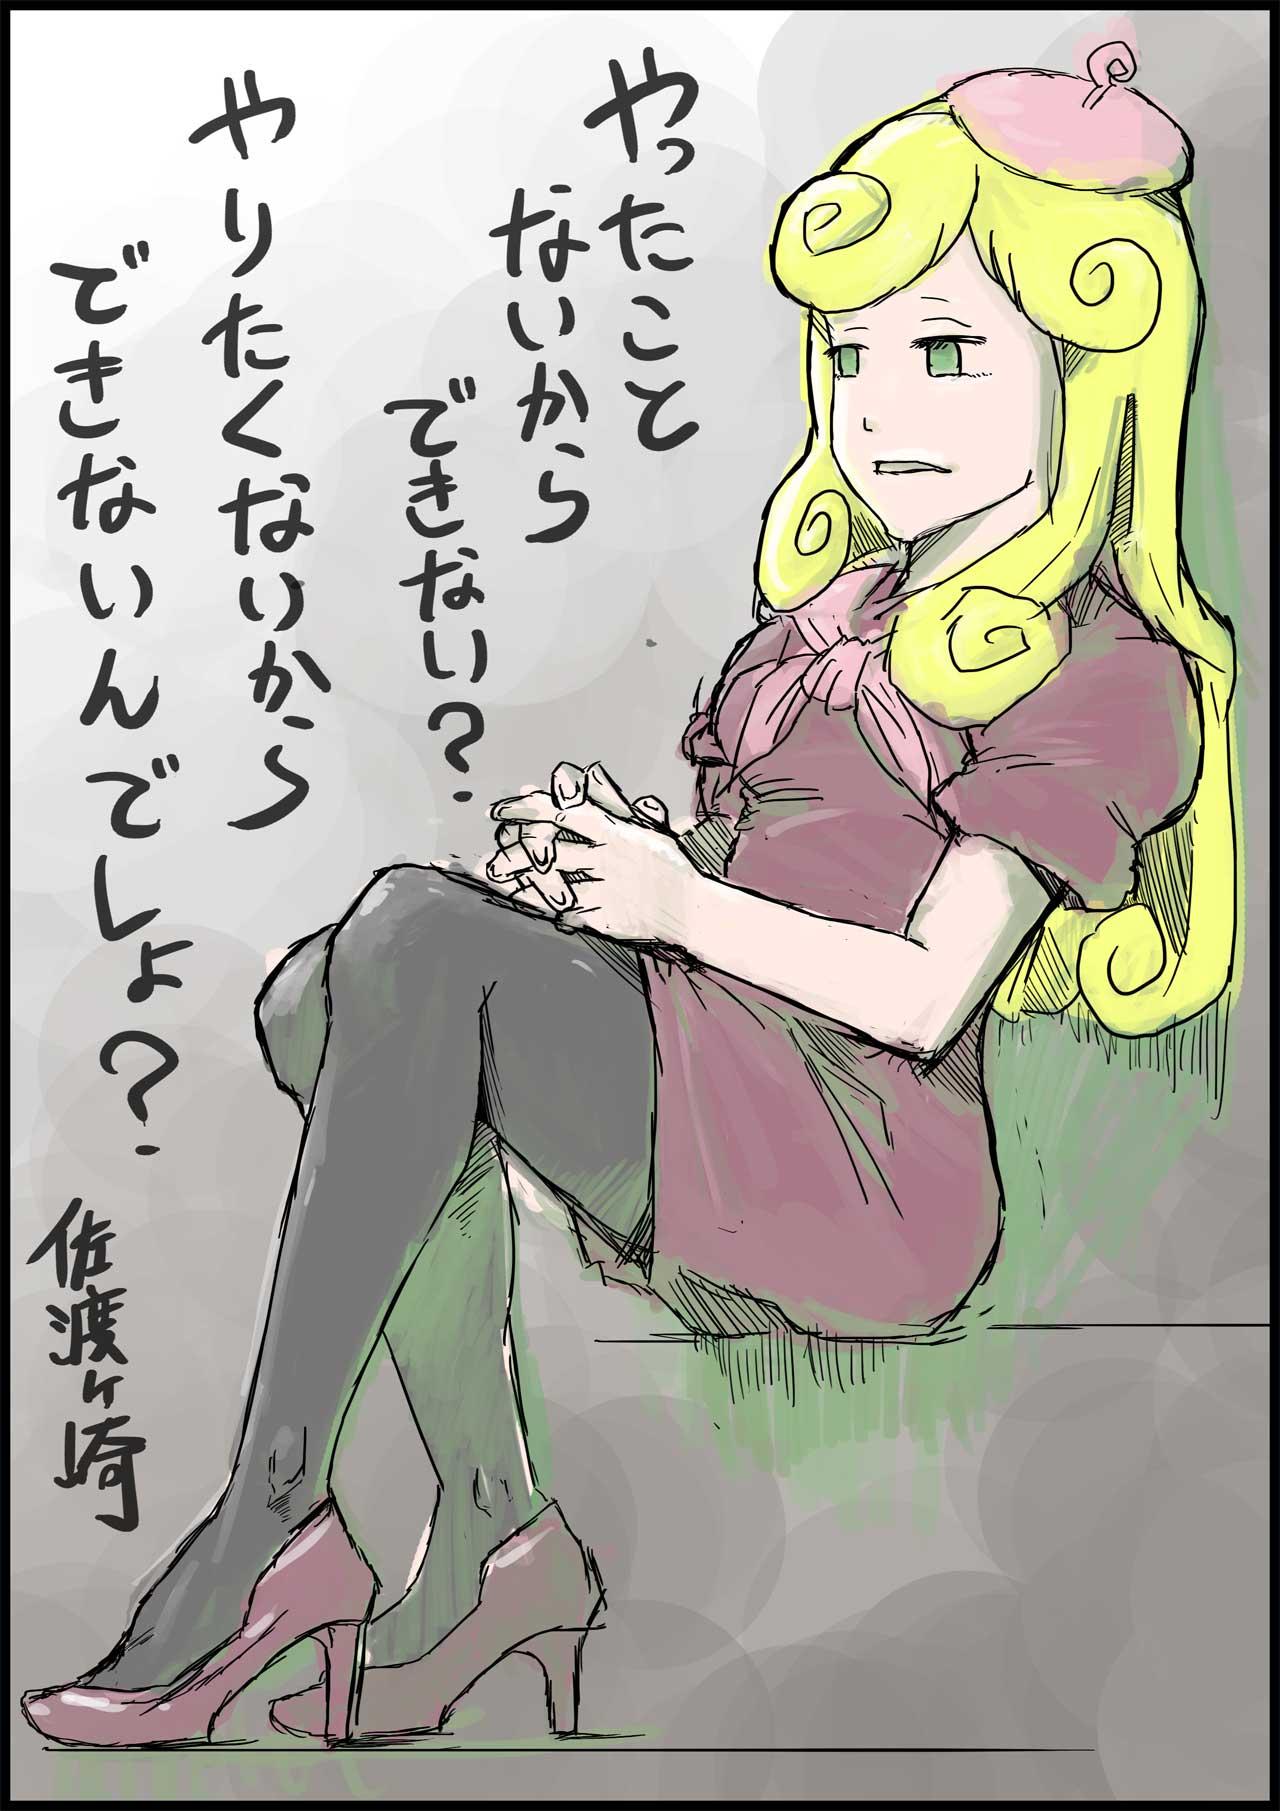 佐渡ヶ崎名言その1